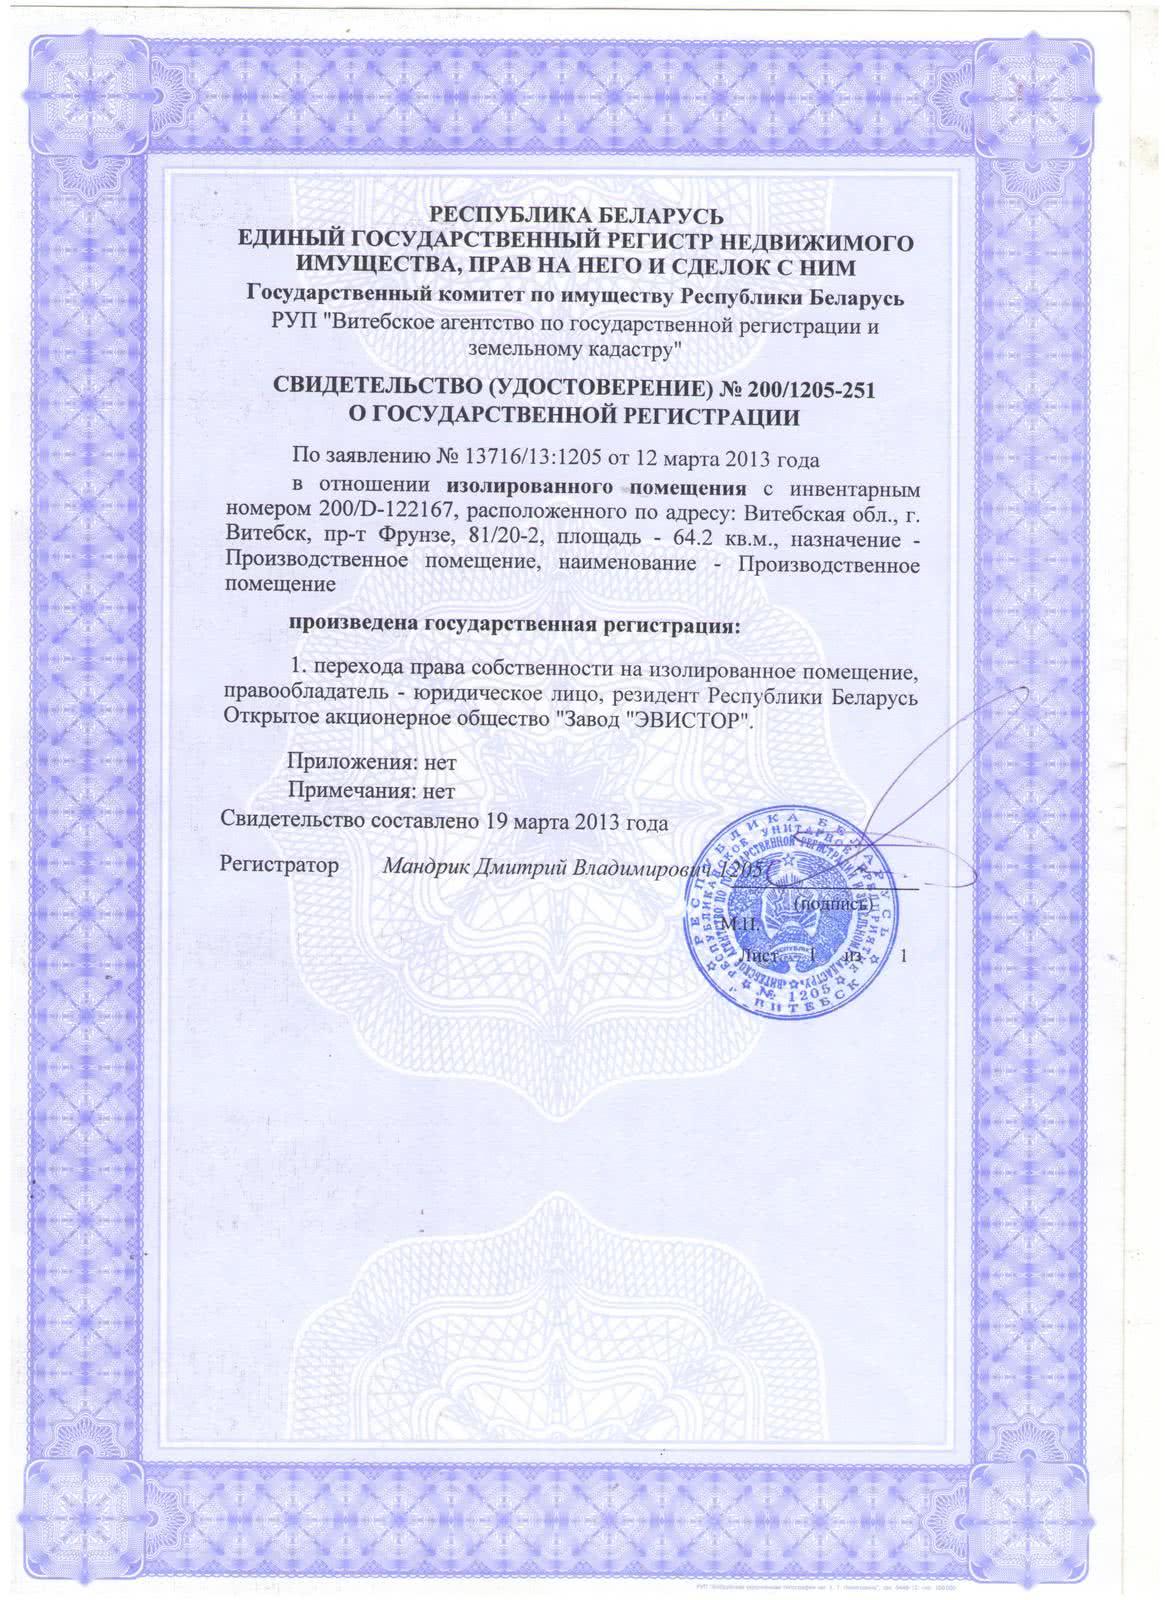 Аукцион по продаже недвижимости пр-т Фрунзе, 81/20-2 в Витебске - фото 4